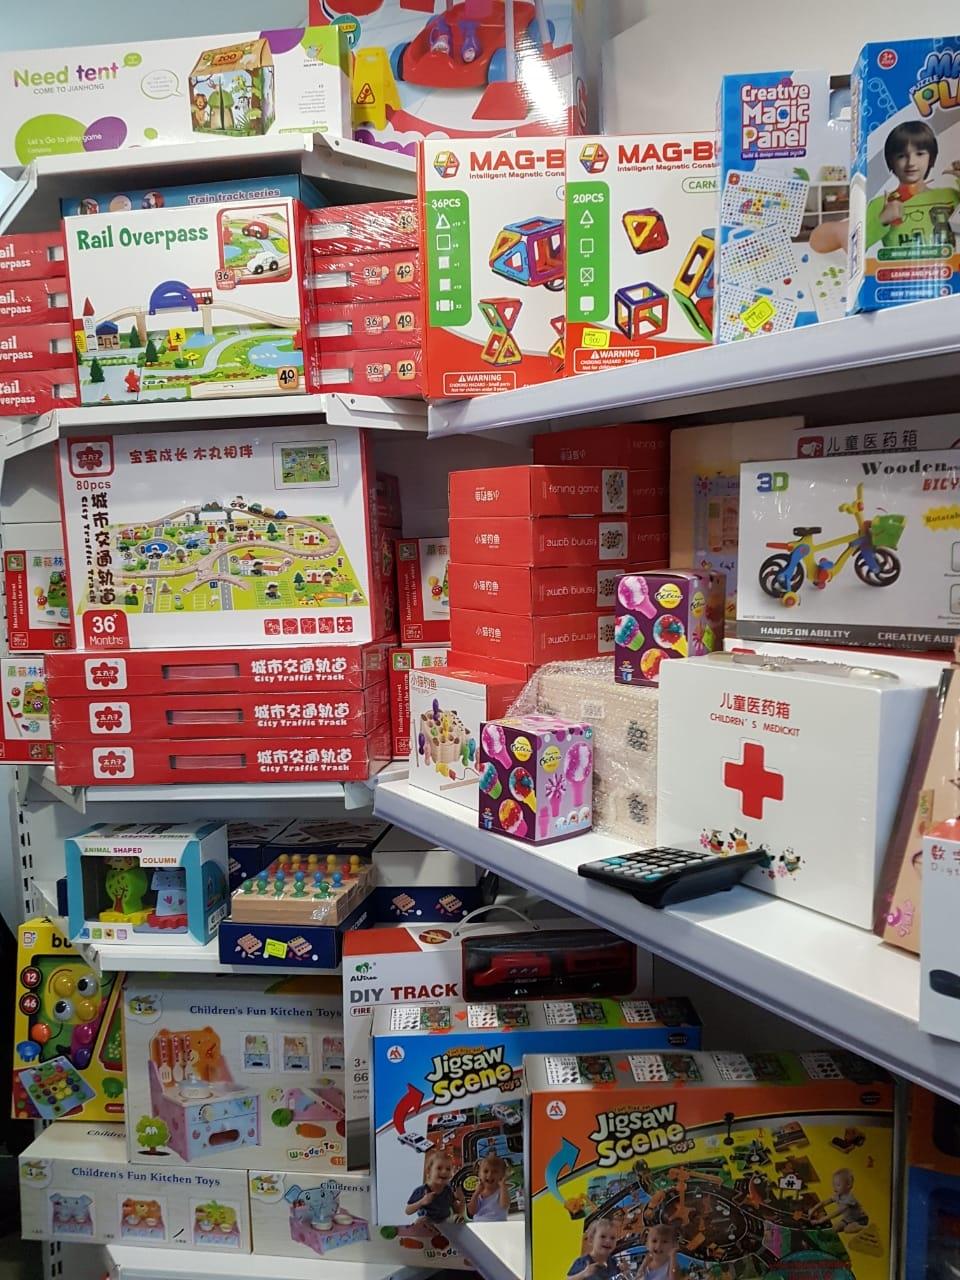 EDDe.shop | детские товары и игрушки - Низкие цены, много деревянных развивающих игрушек.